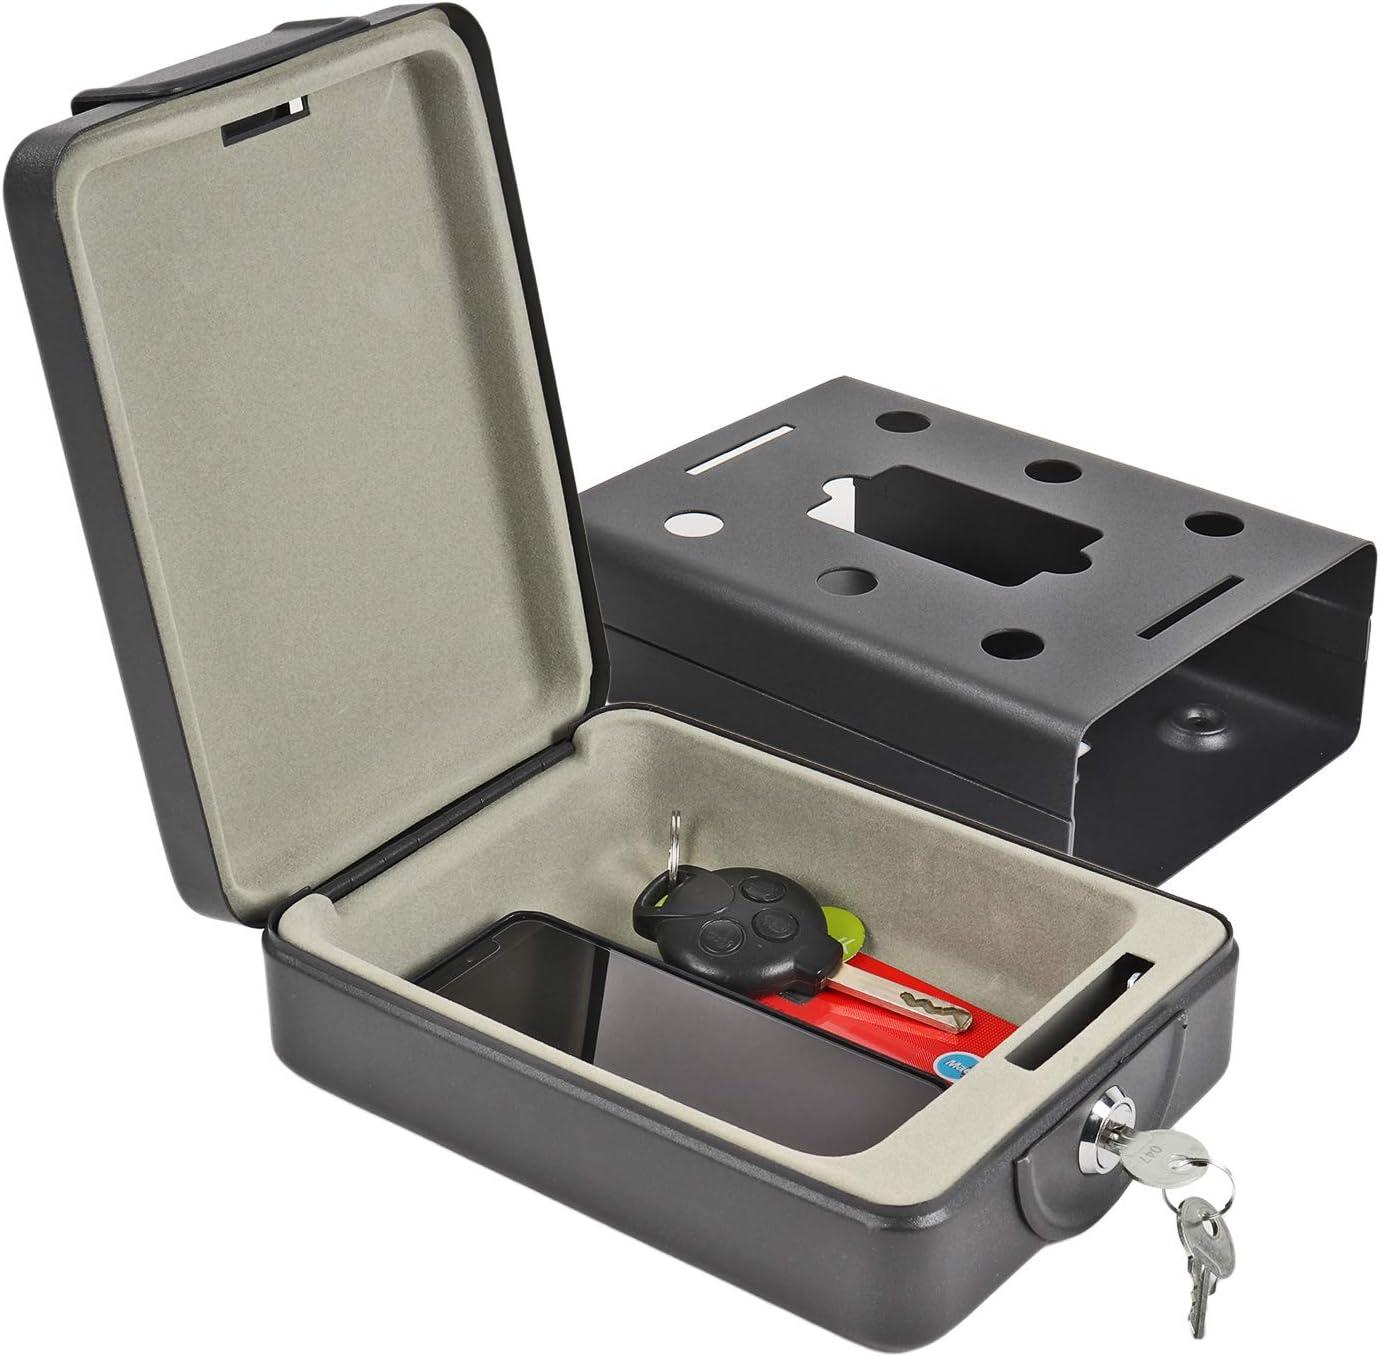 Caja portátil de alta seguridad con llave de ProPlus. 15 x 21 x 5,5 cm. Caja de caudales, caja fuerte negra para caravana y autocaravana.: Amazon.es: Bricolaje y herramientas